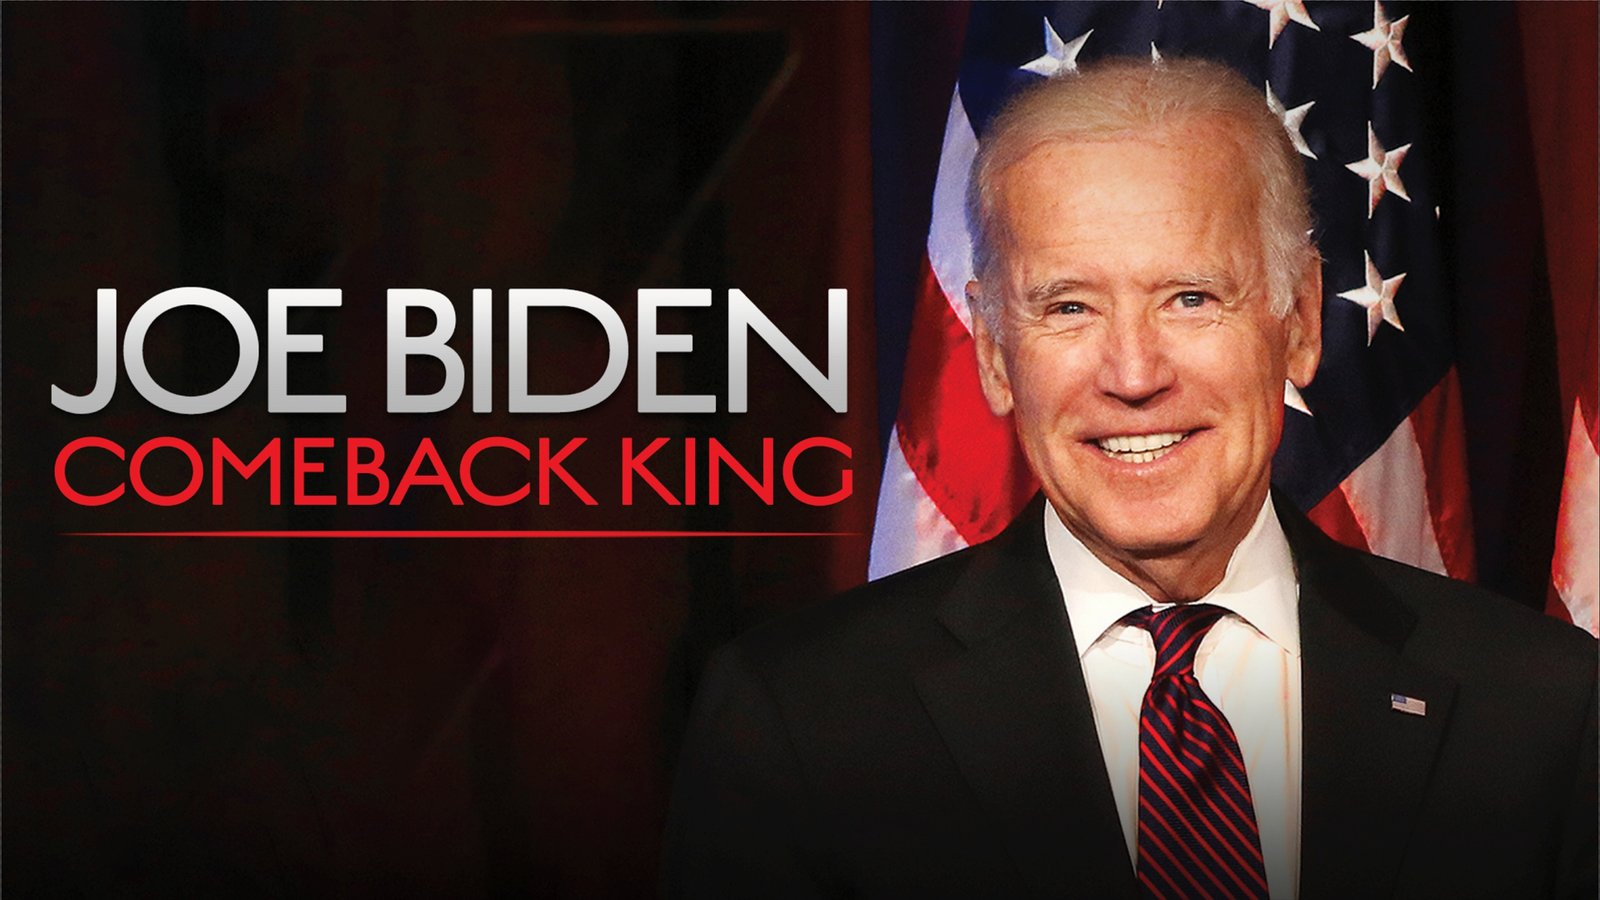 Joe Biden: Comeback King